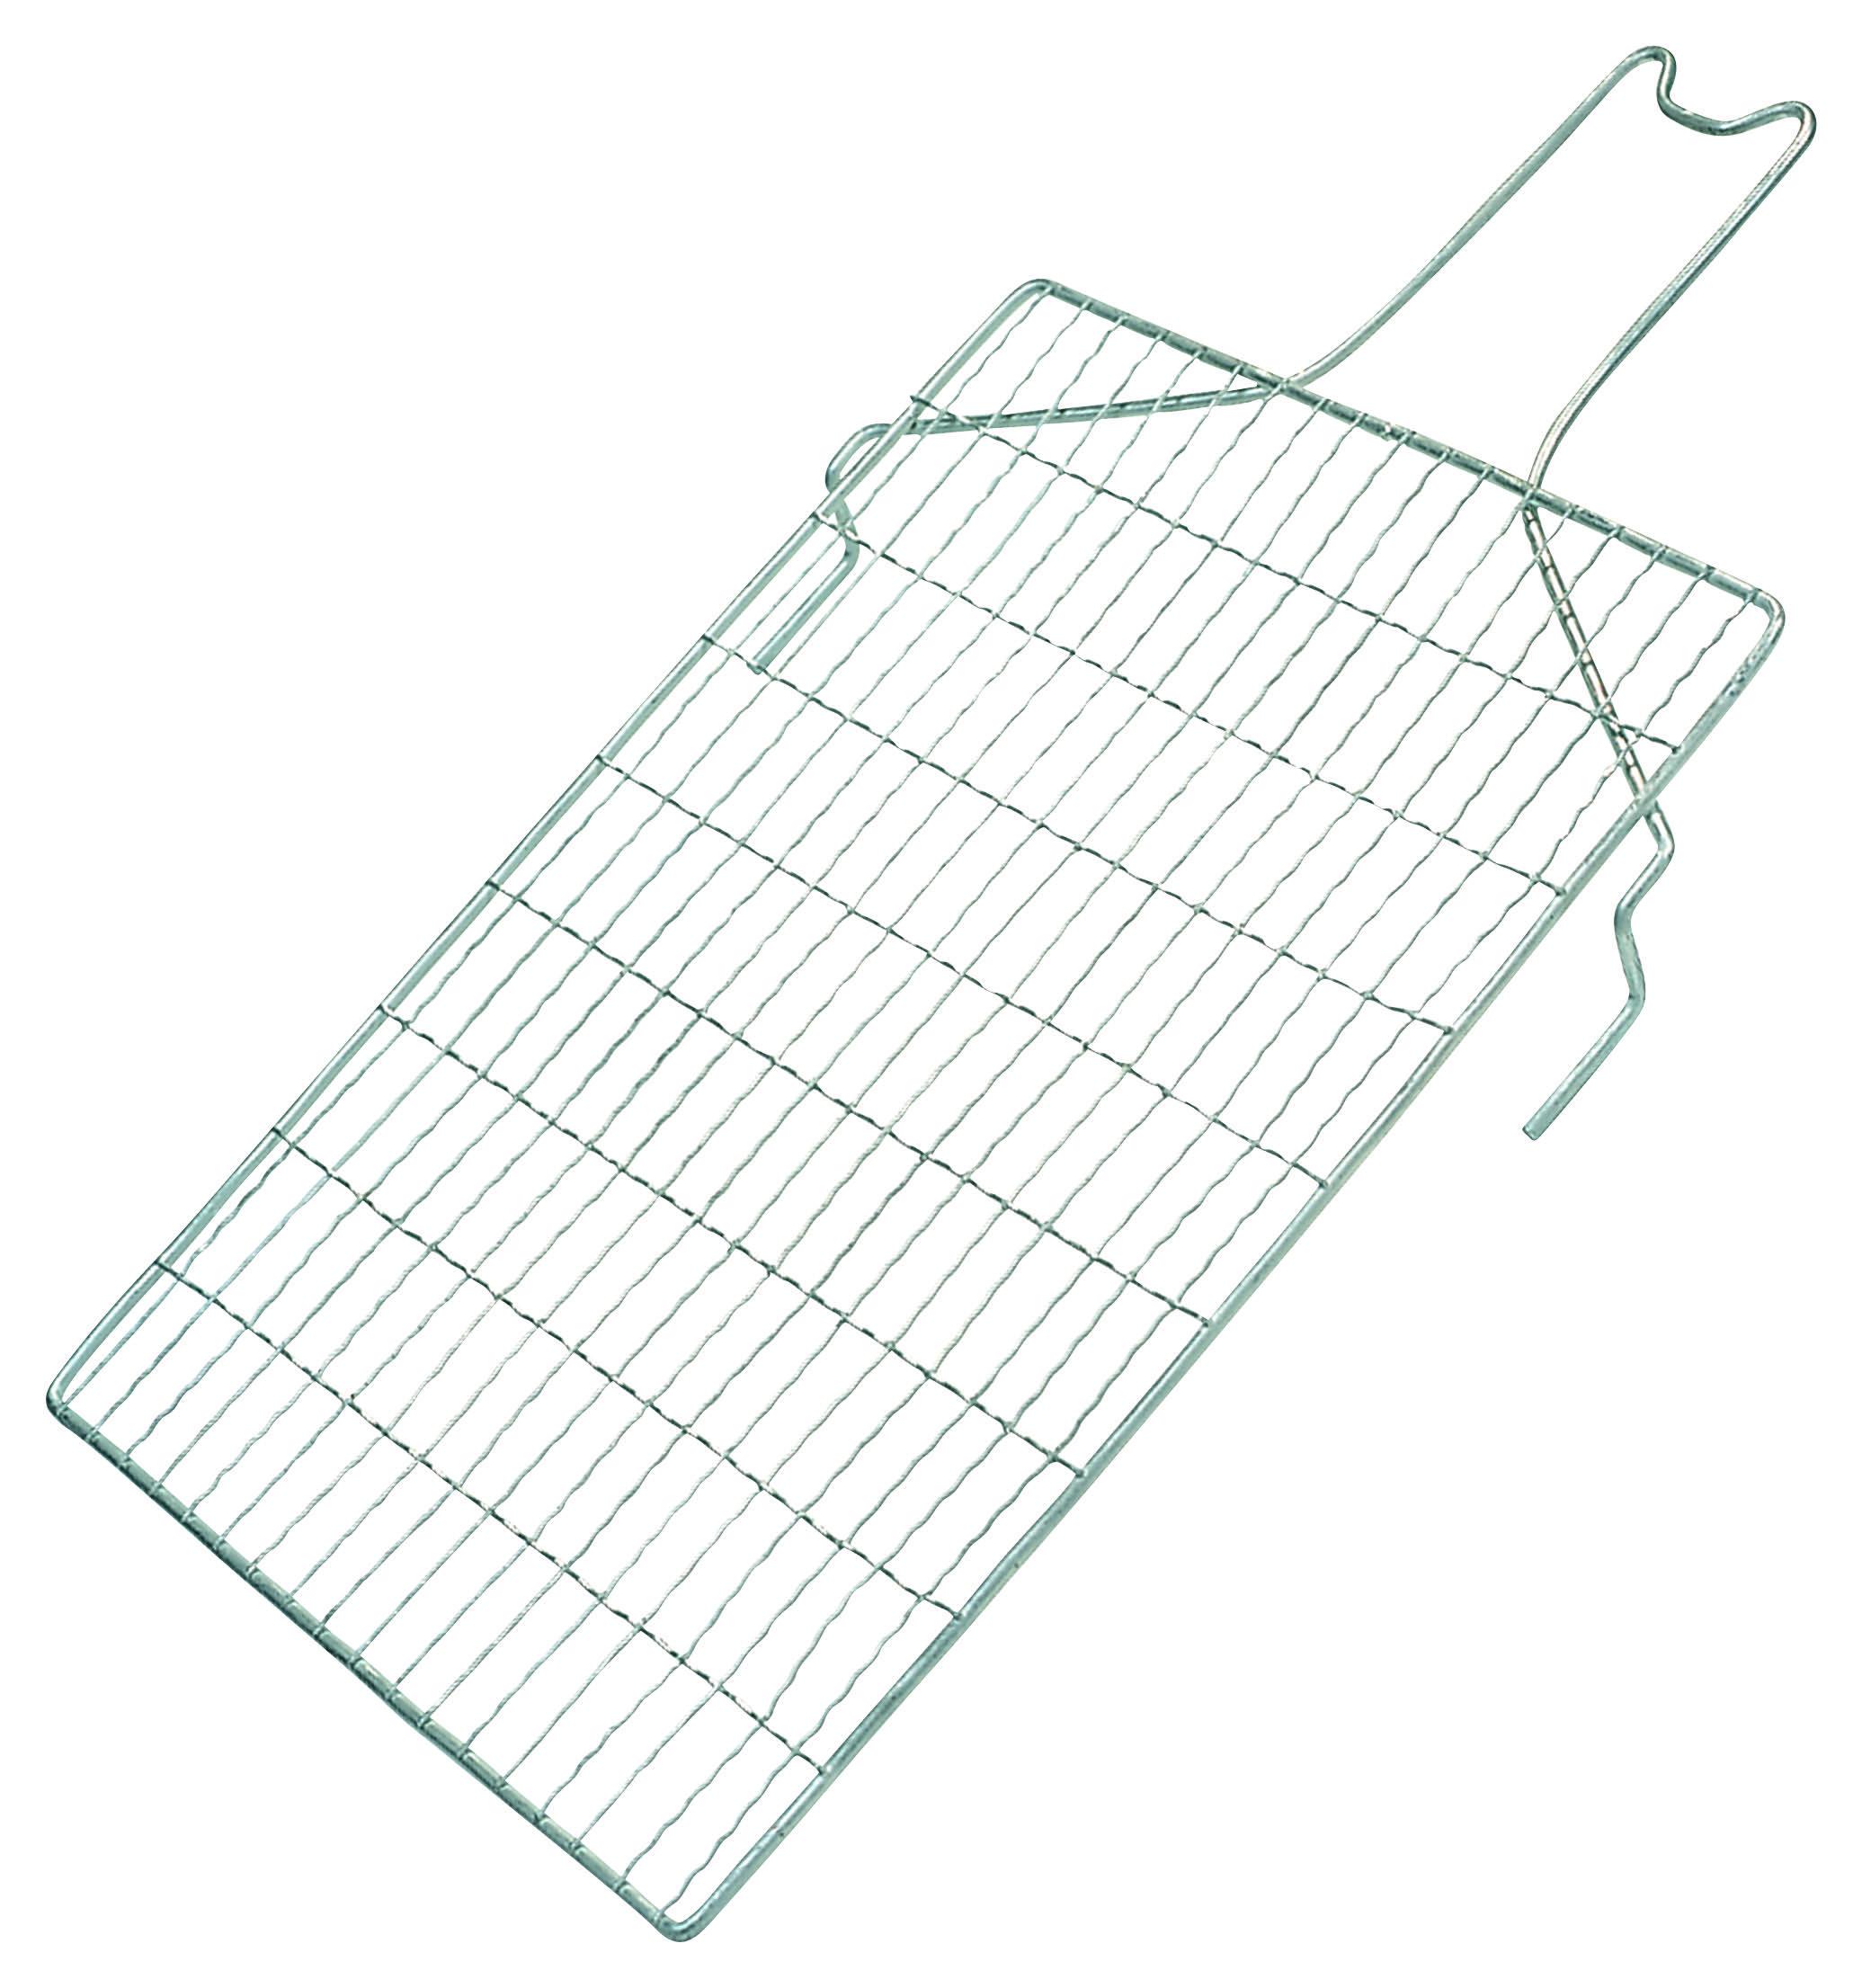 STORCH Abstreif-Gitter 26 x 30cm